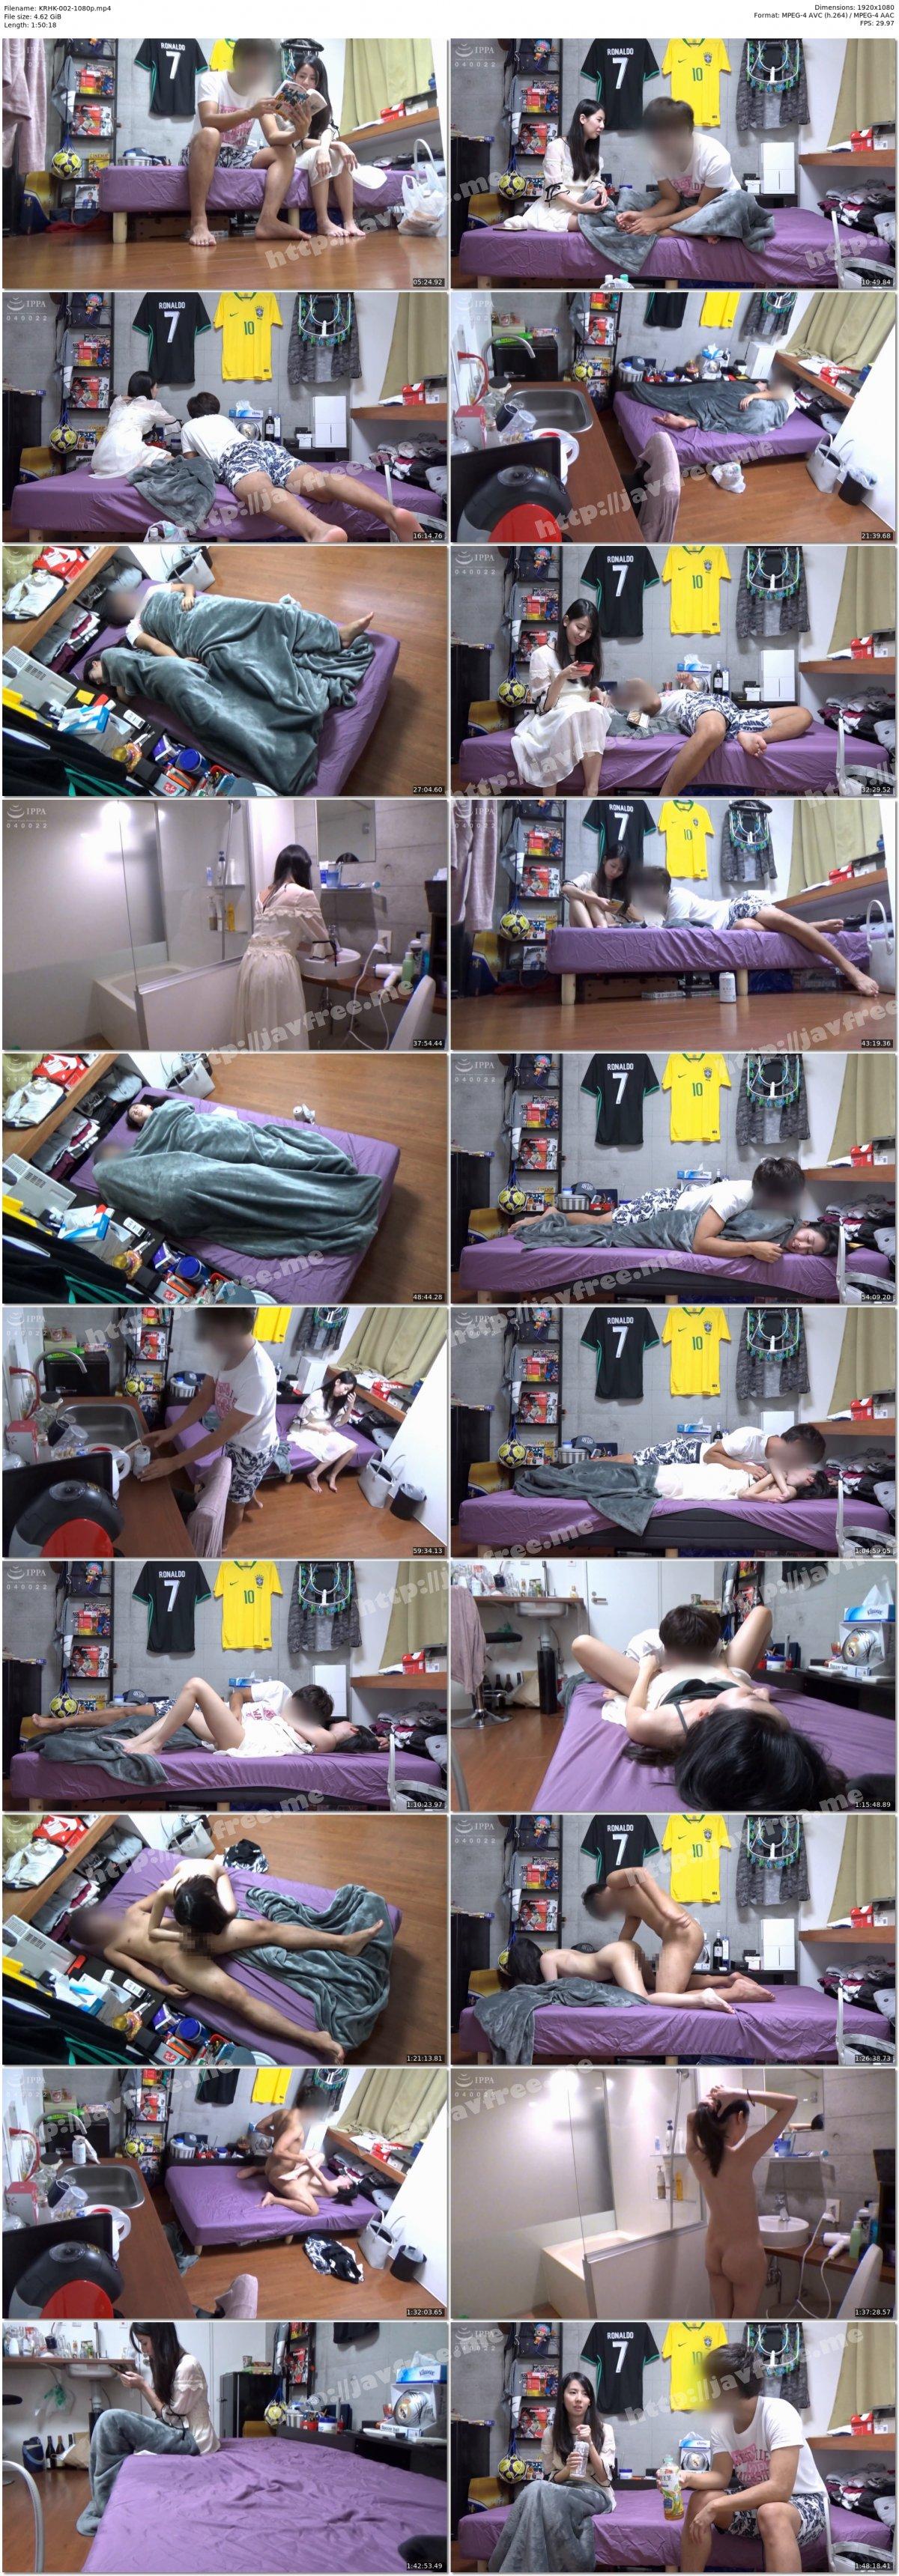 [HD][KRHK-002] 男友達に連れ込まれたオフ中のAV女優 紗凪美羽(28) 素のSEX隠し撮り - image KRHK-002-1080p on https://javfree.me